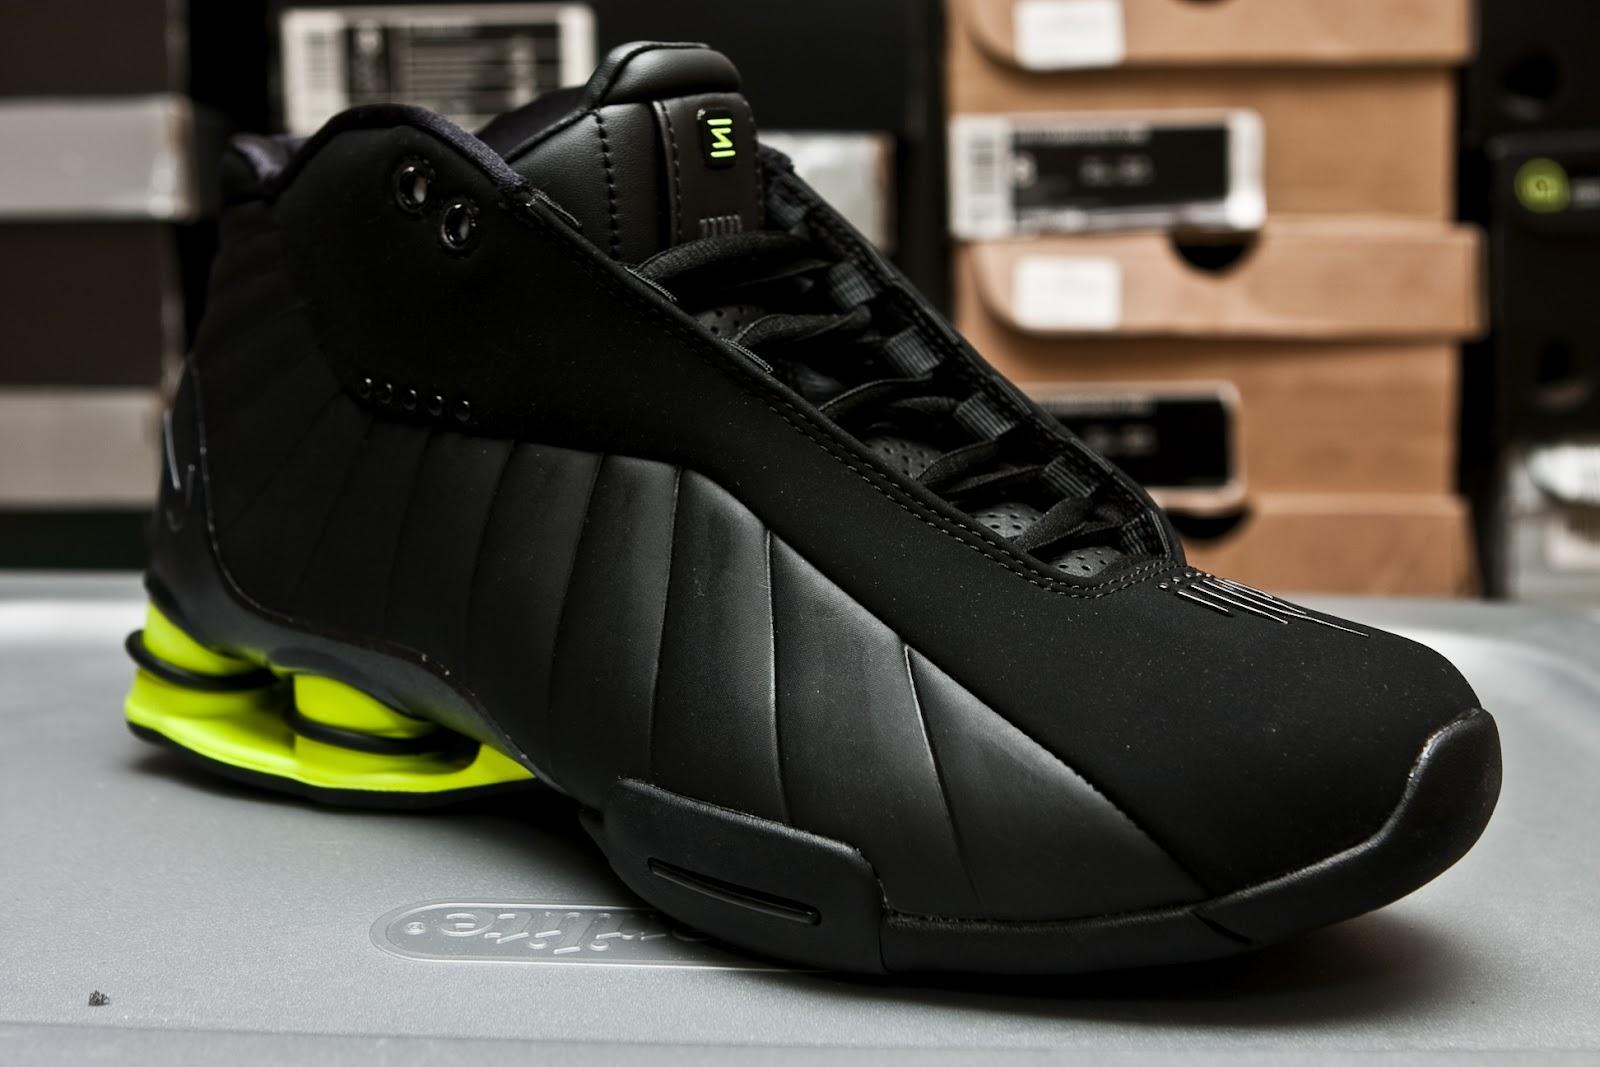 sports shoes 8ab4c a70d6 ... Shox BB4 Vince Carter - Black Volt ...